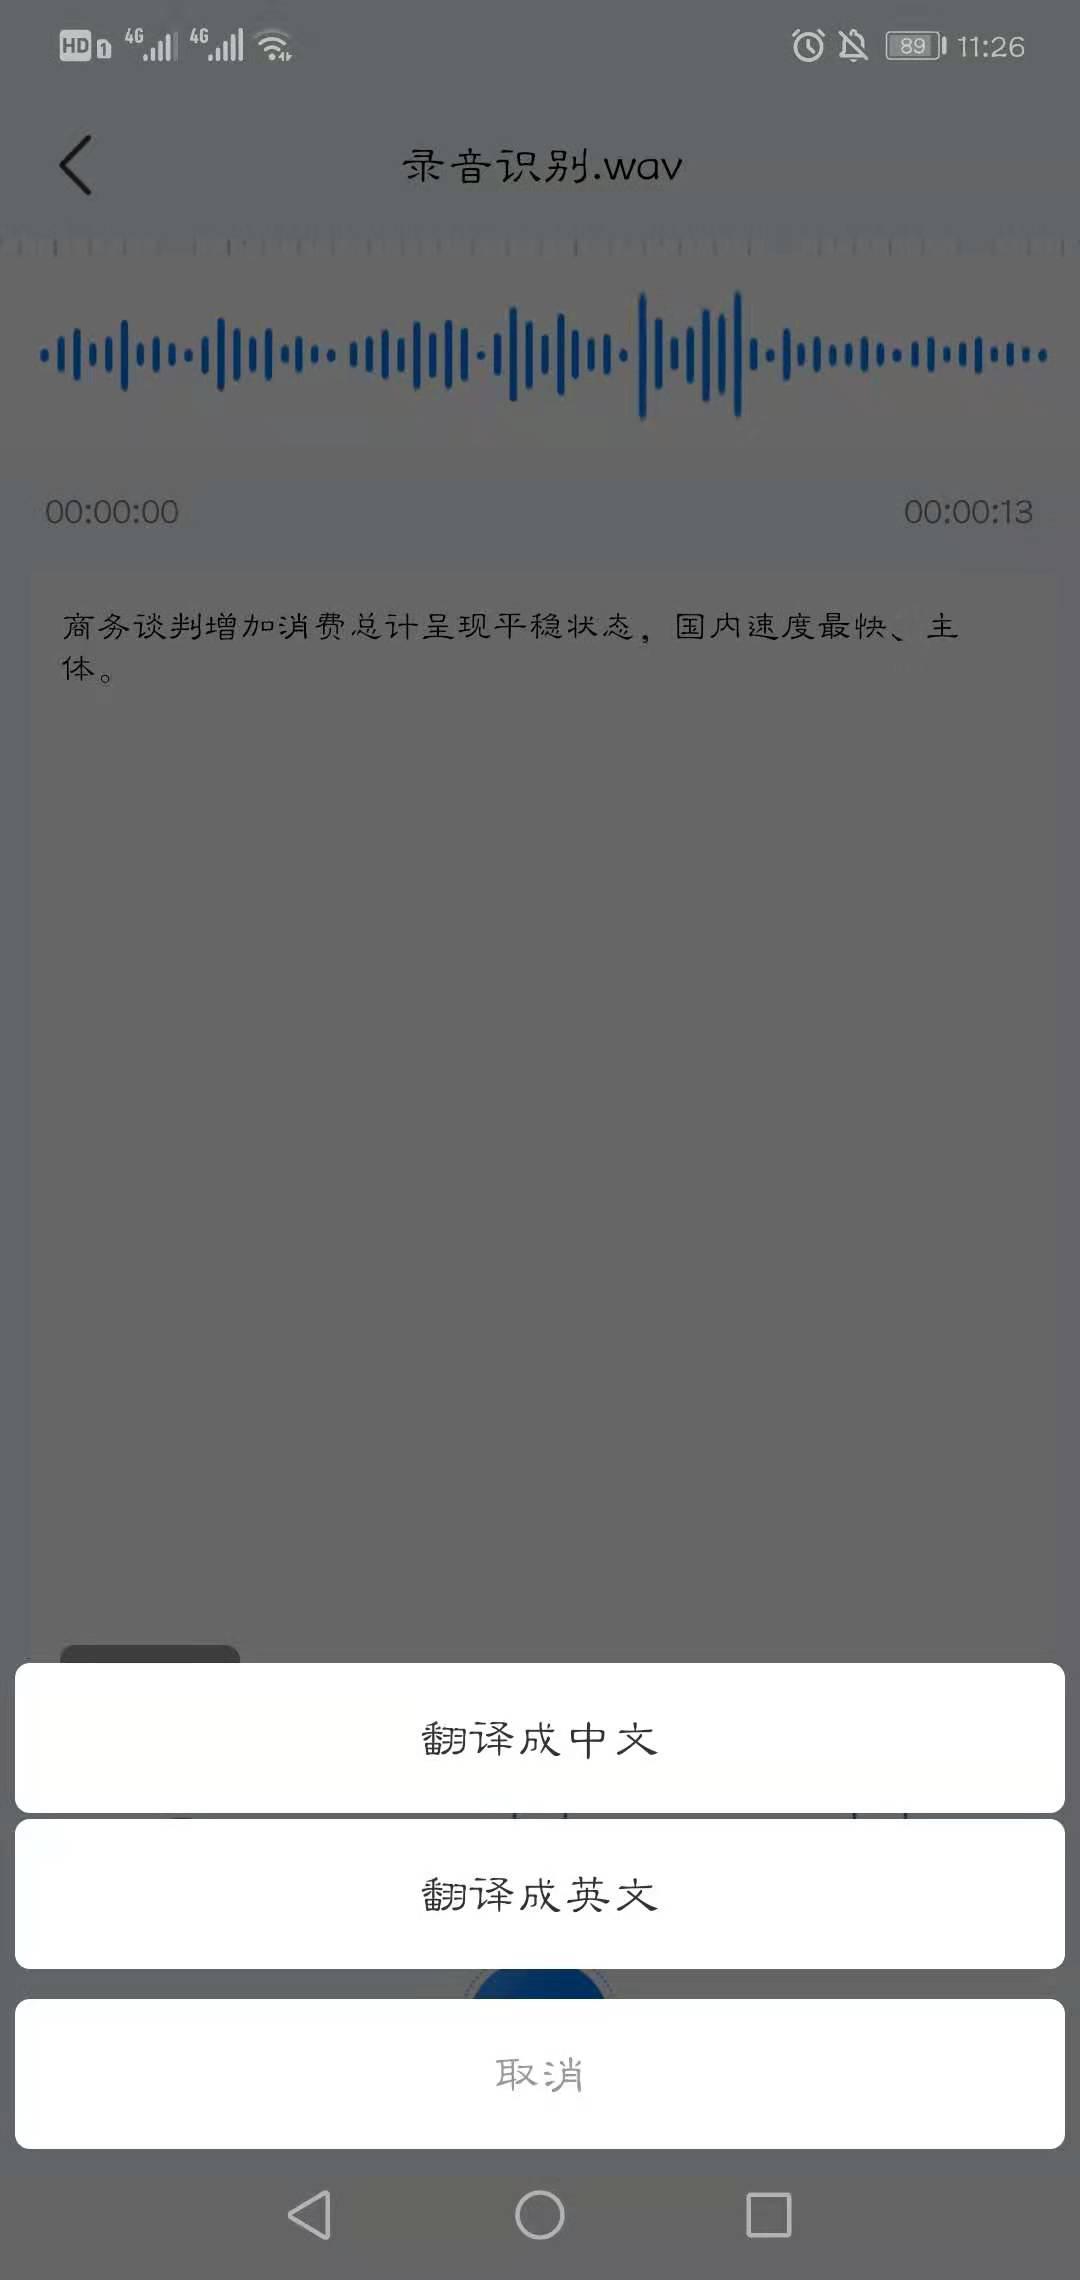 6-1音频识别翻译.jpg